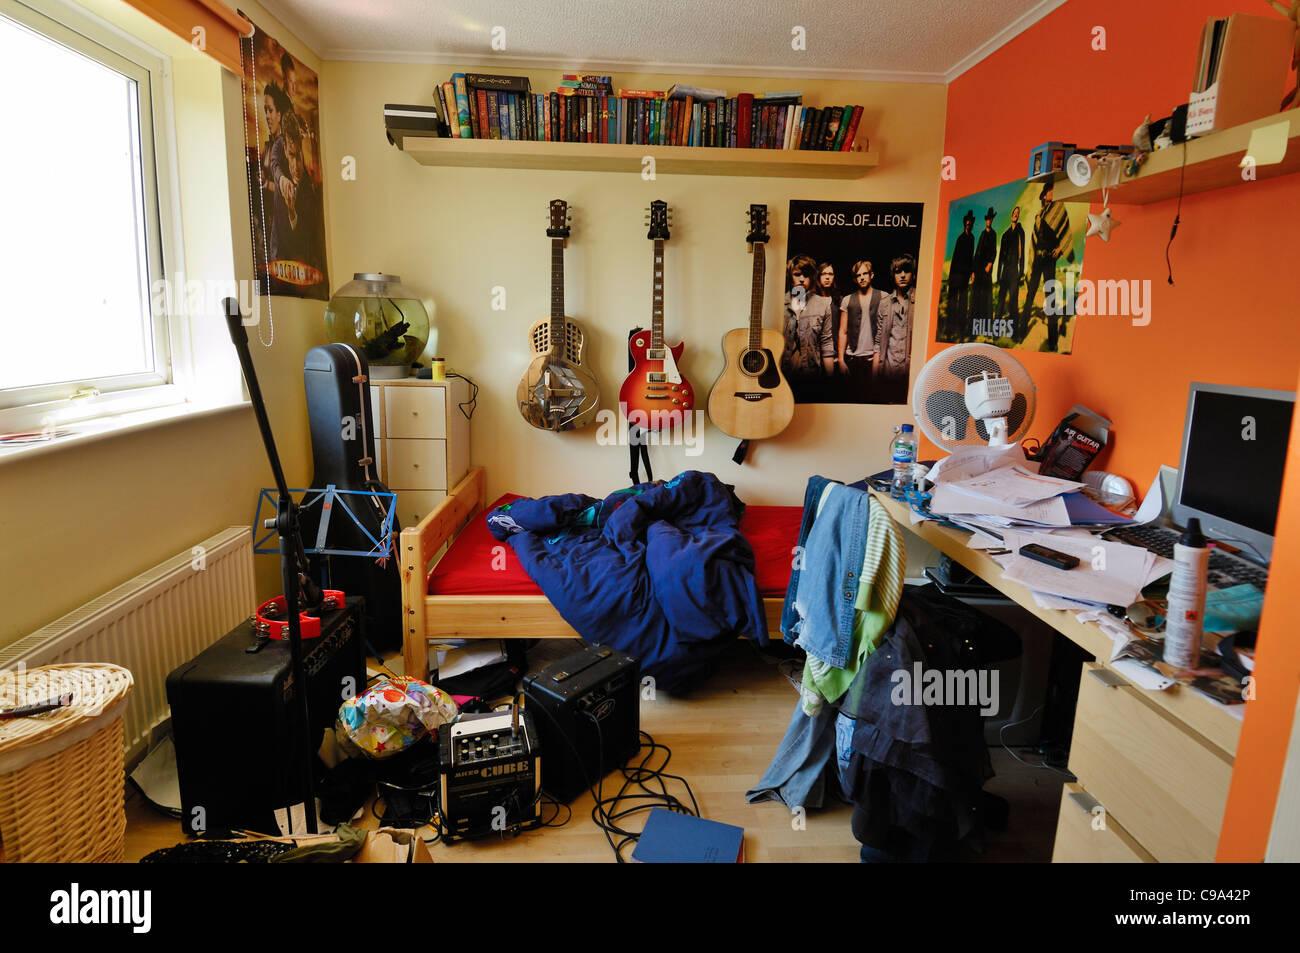 Teenagers Bedroom Desk Stock Photos Teenagers Bedroom Desk Stock